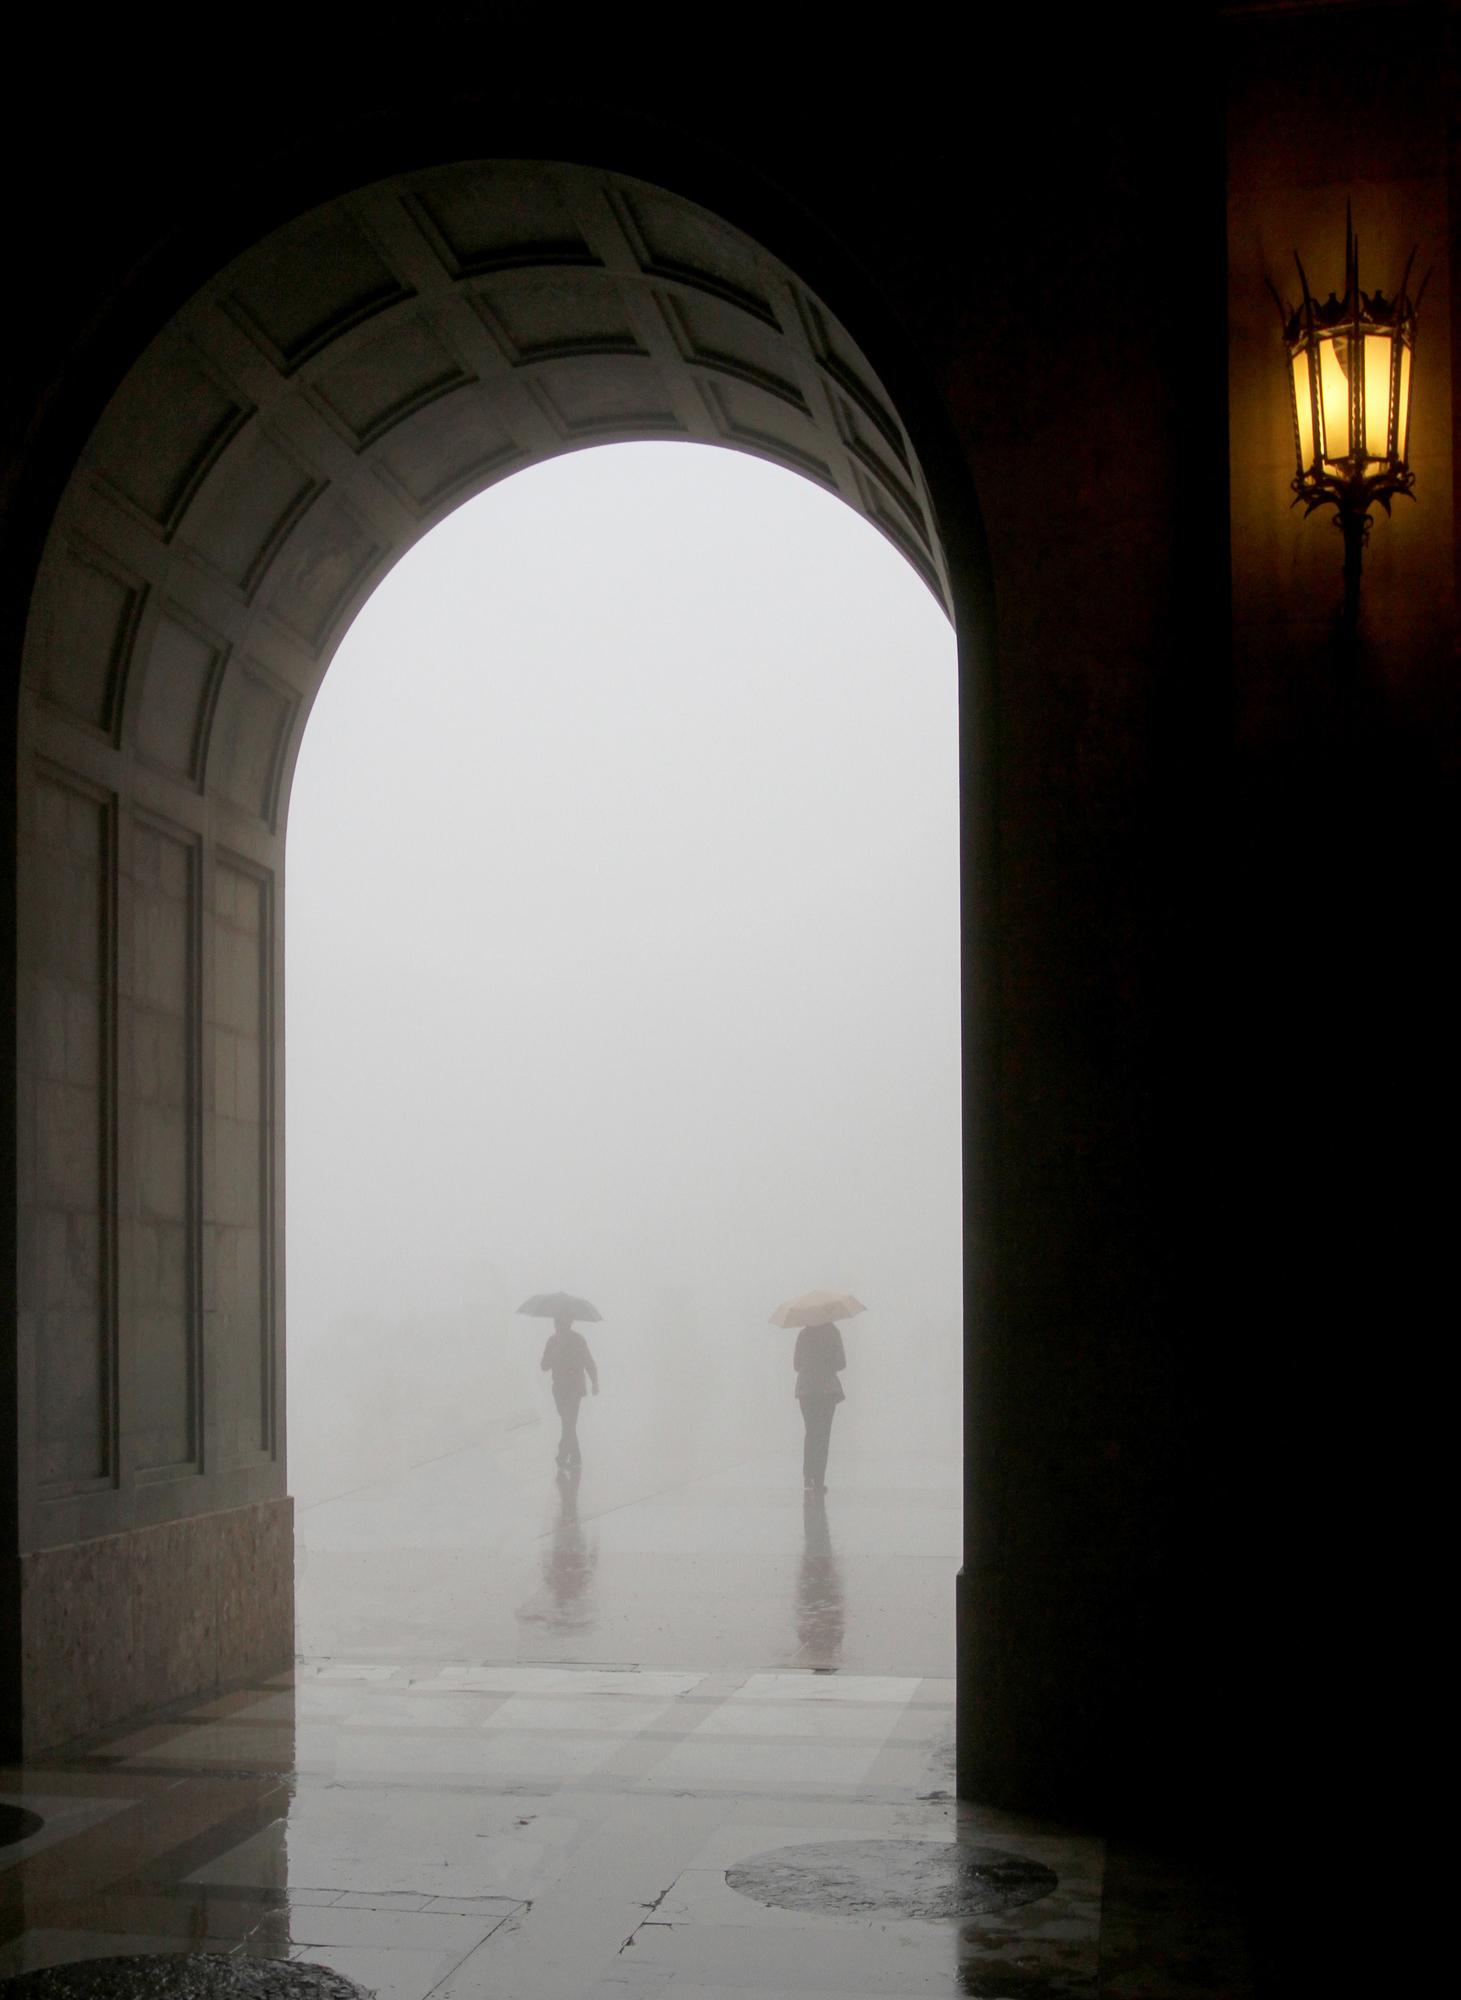 Pioggia e nebbia di Princi Felice